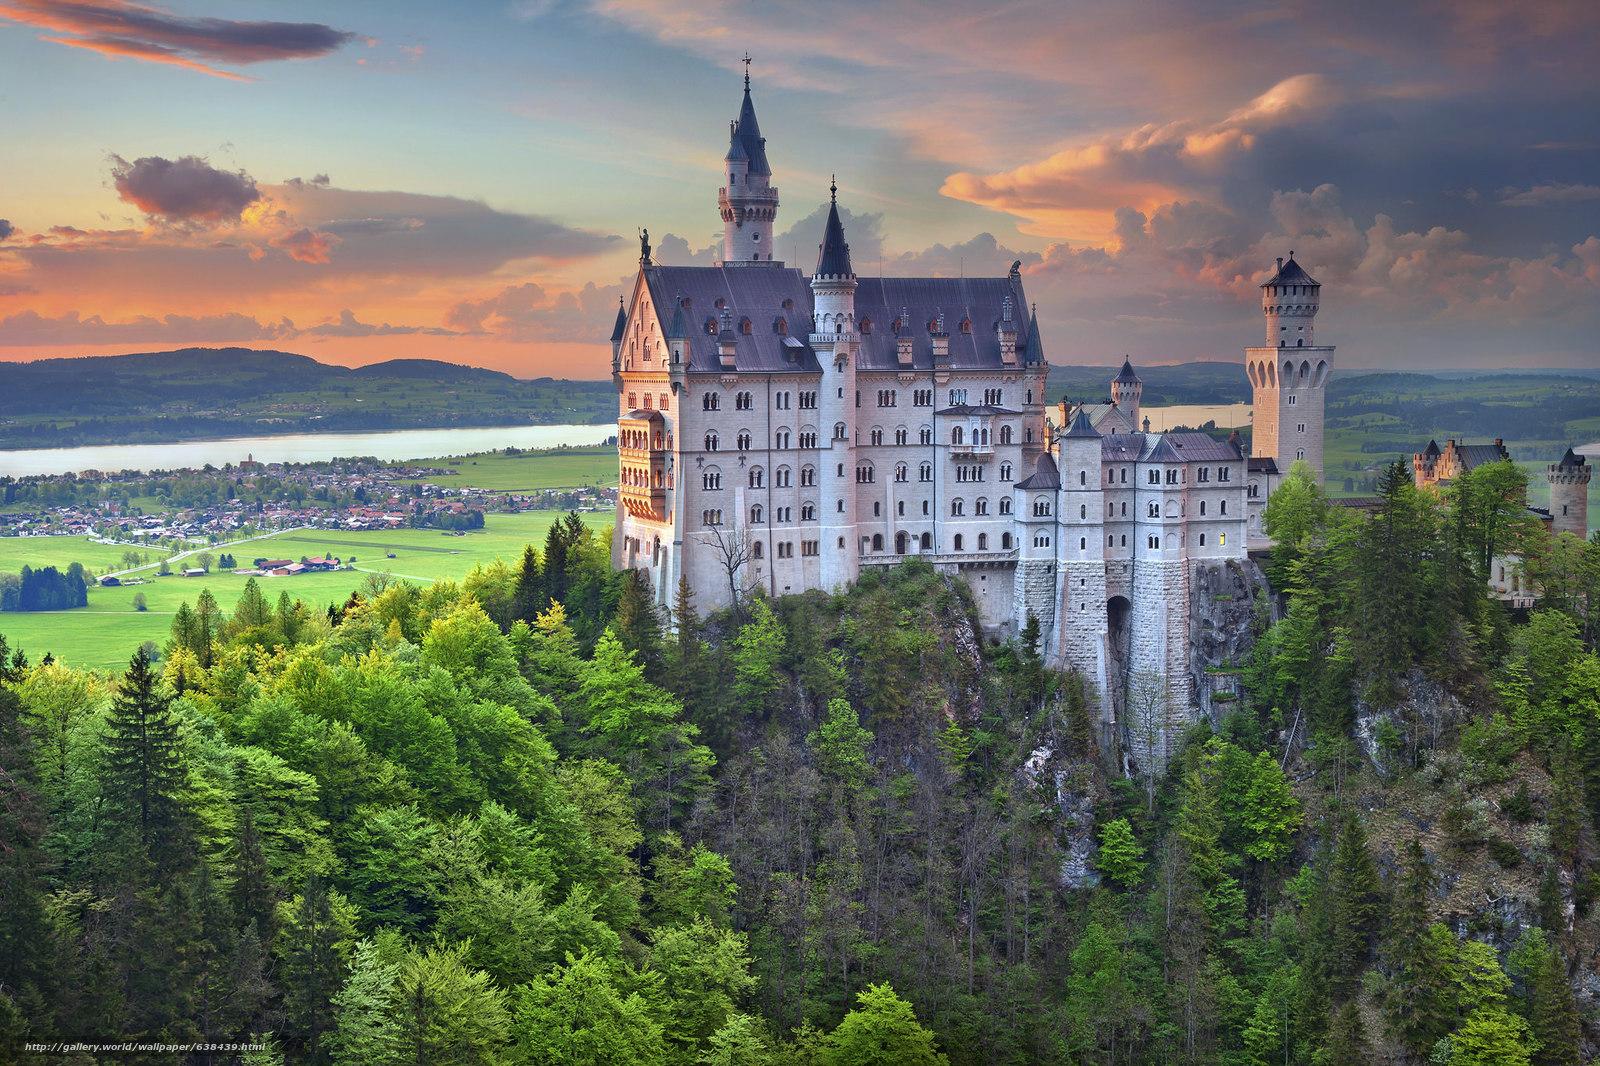 Скачать обои Neuschwanstein Castle,  Bavaria,  Germany,  Замок Нойшванштайн бесплатно для рабочего стола в разрешении 2048x1365 — картинка №638439